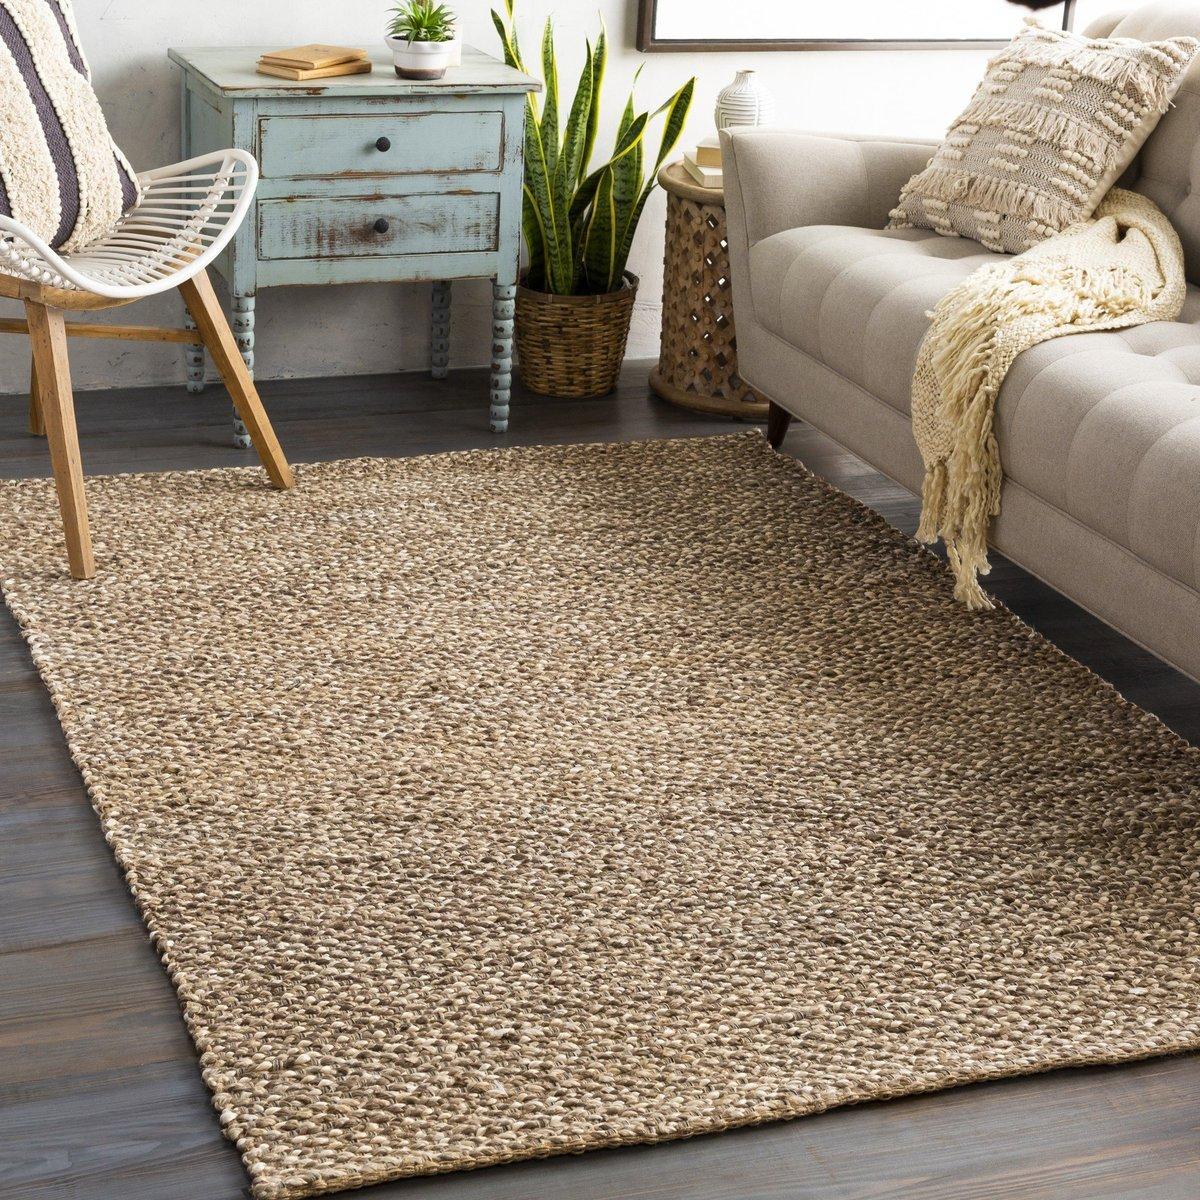 No Fuss Rustic  - Living Room Design Tips